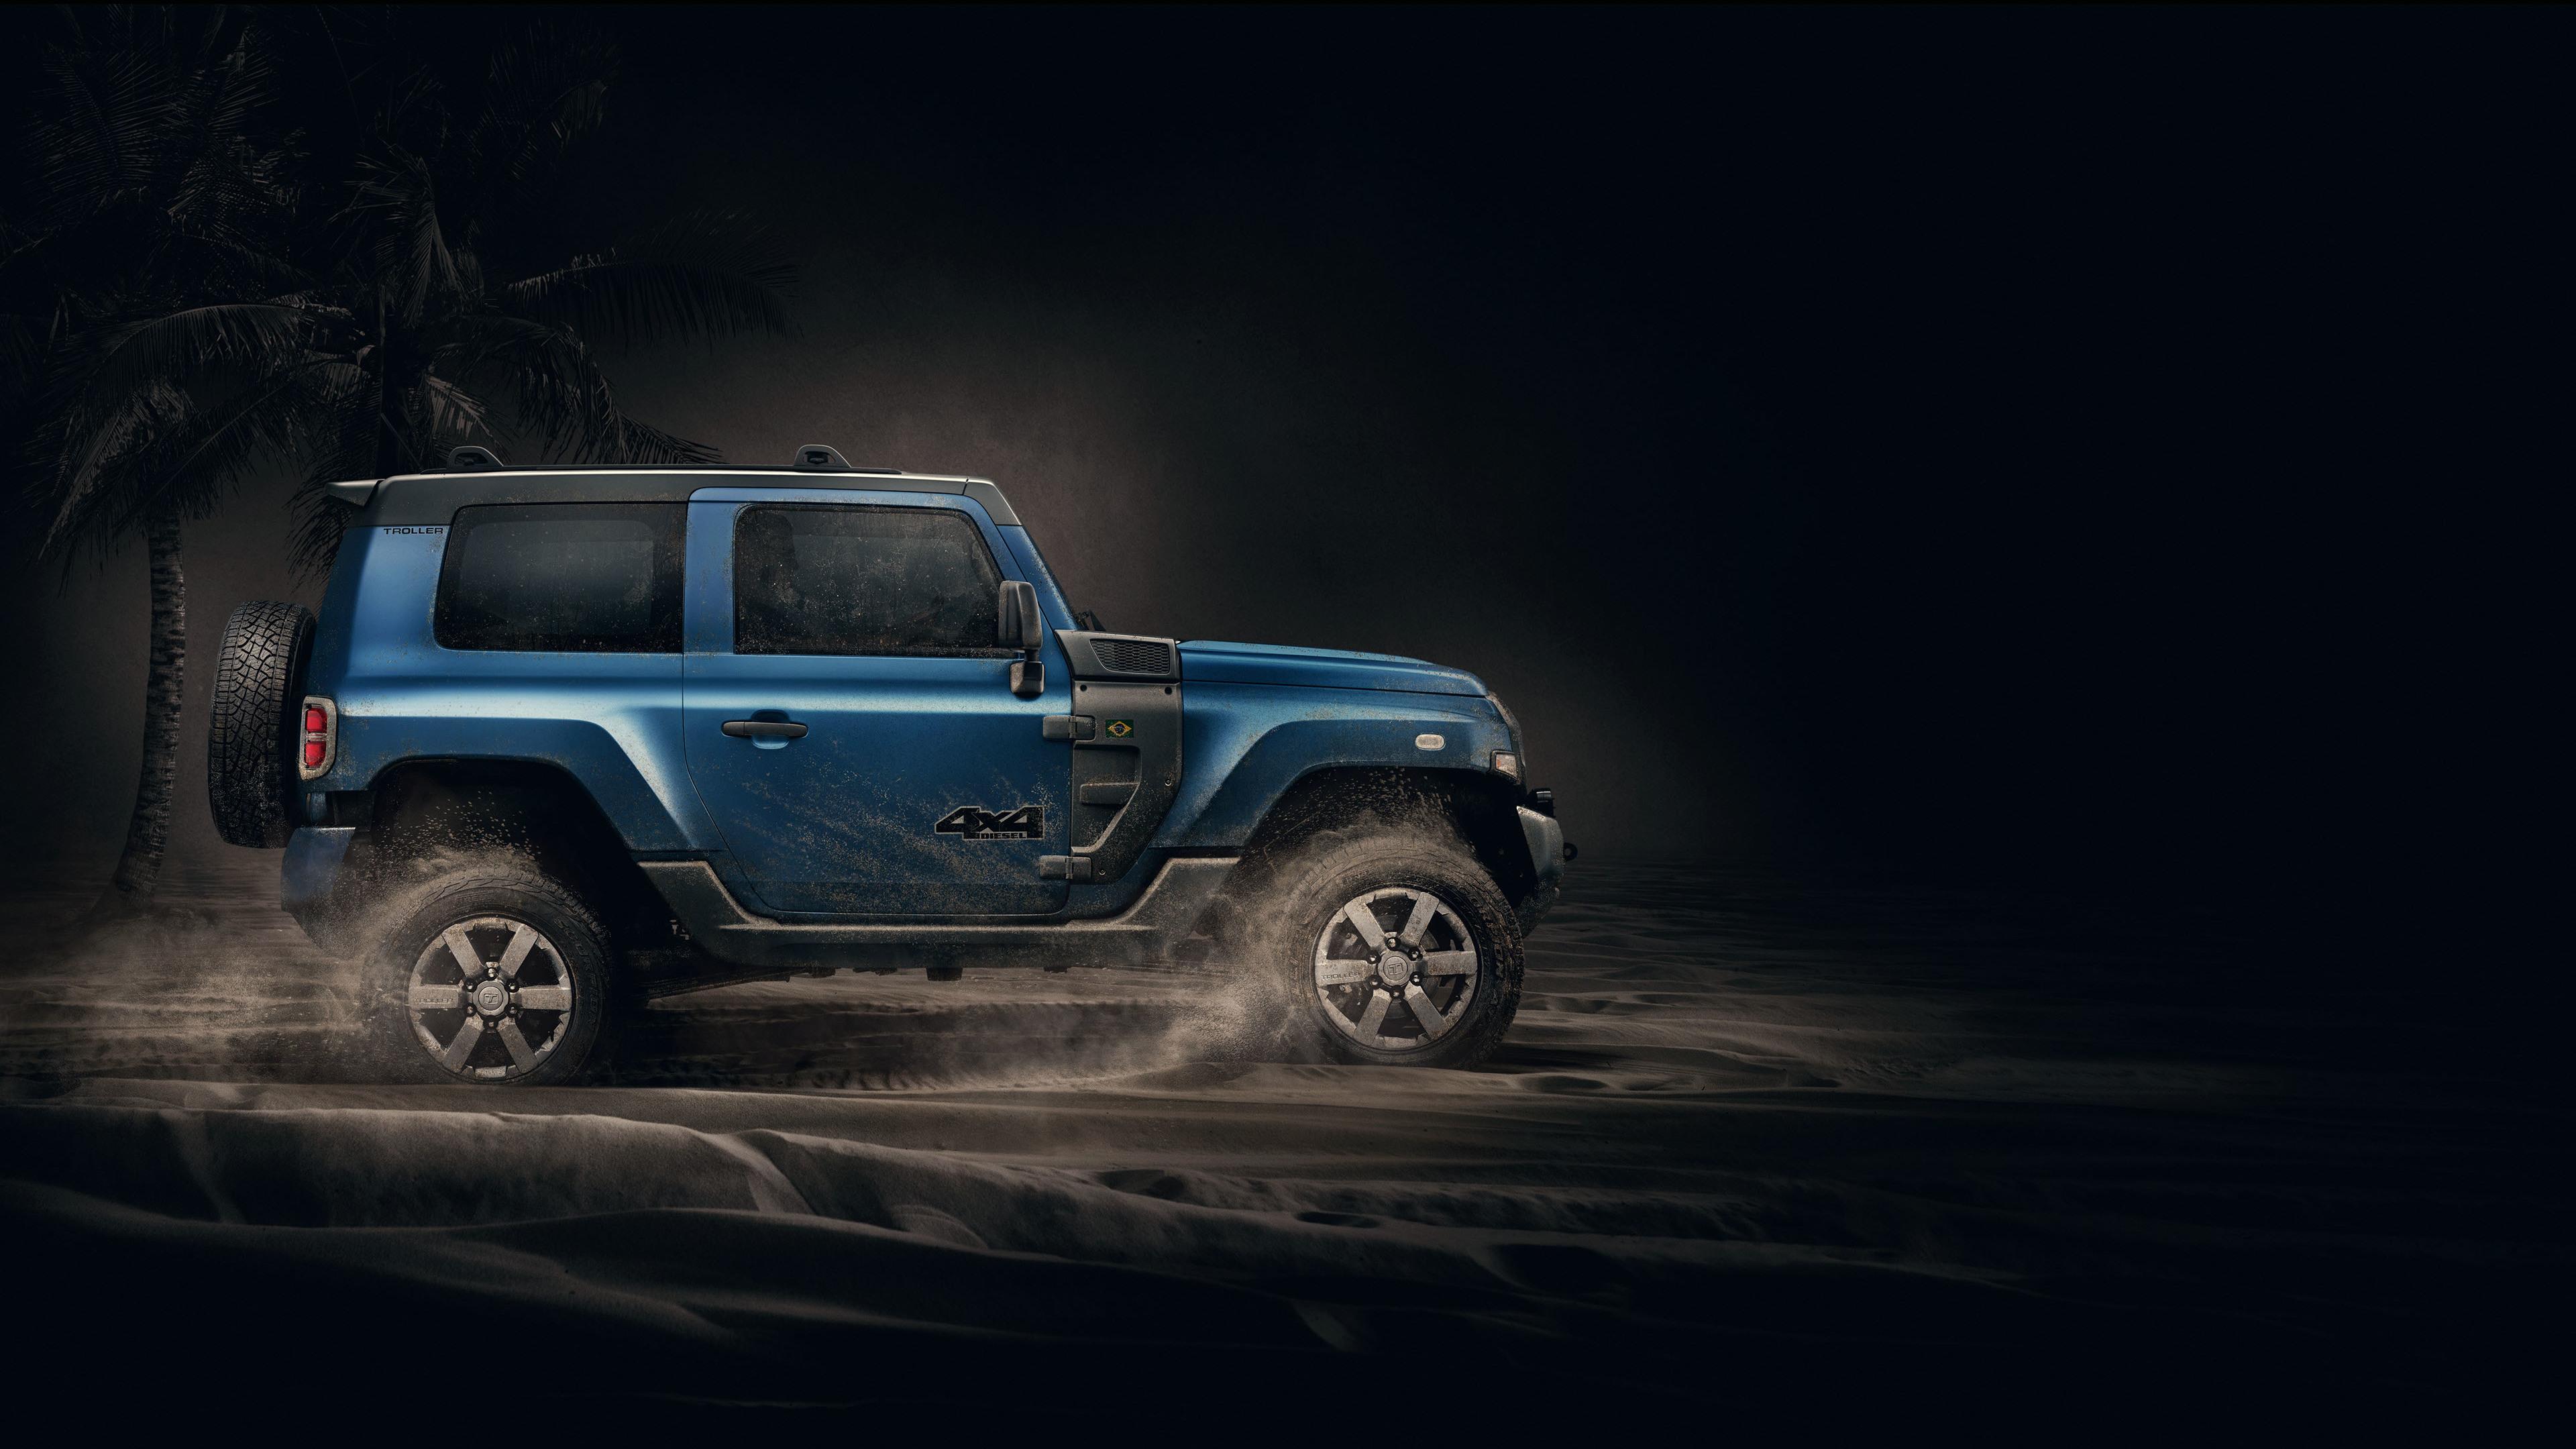 jeep drifting 4k 1539110106 - Jeep Drifting 4k - jeep wallpapers, hd-wallpapers, drifting wallpapers, cars wallpapers, 4k-wallpapers